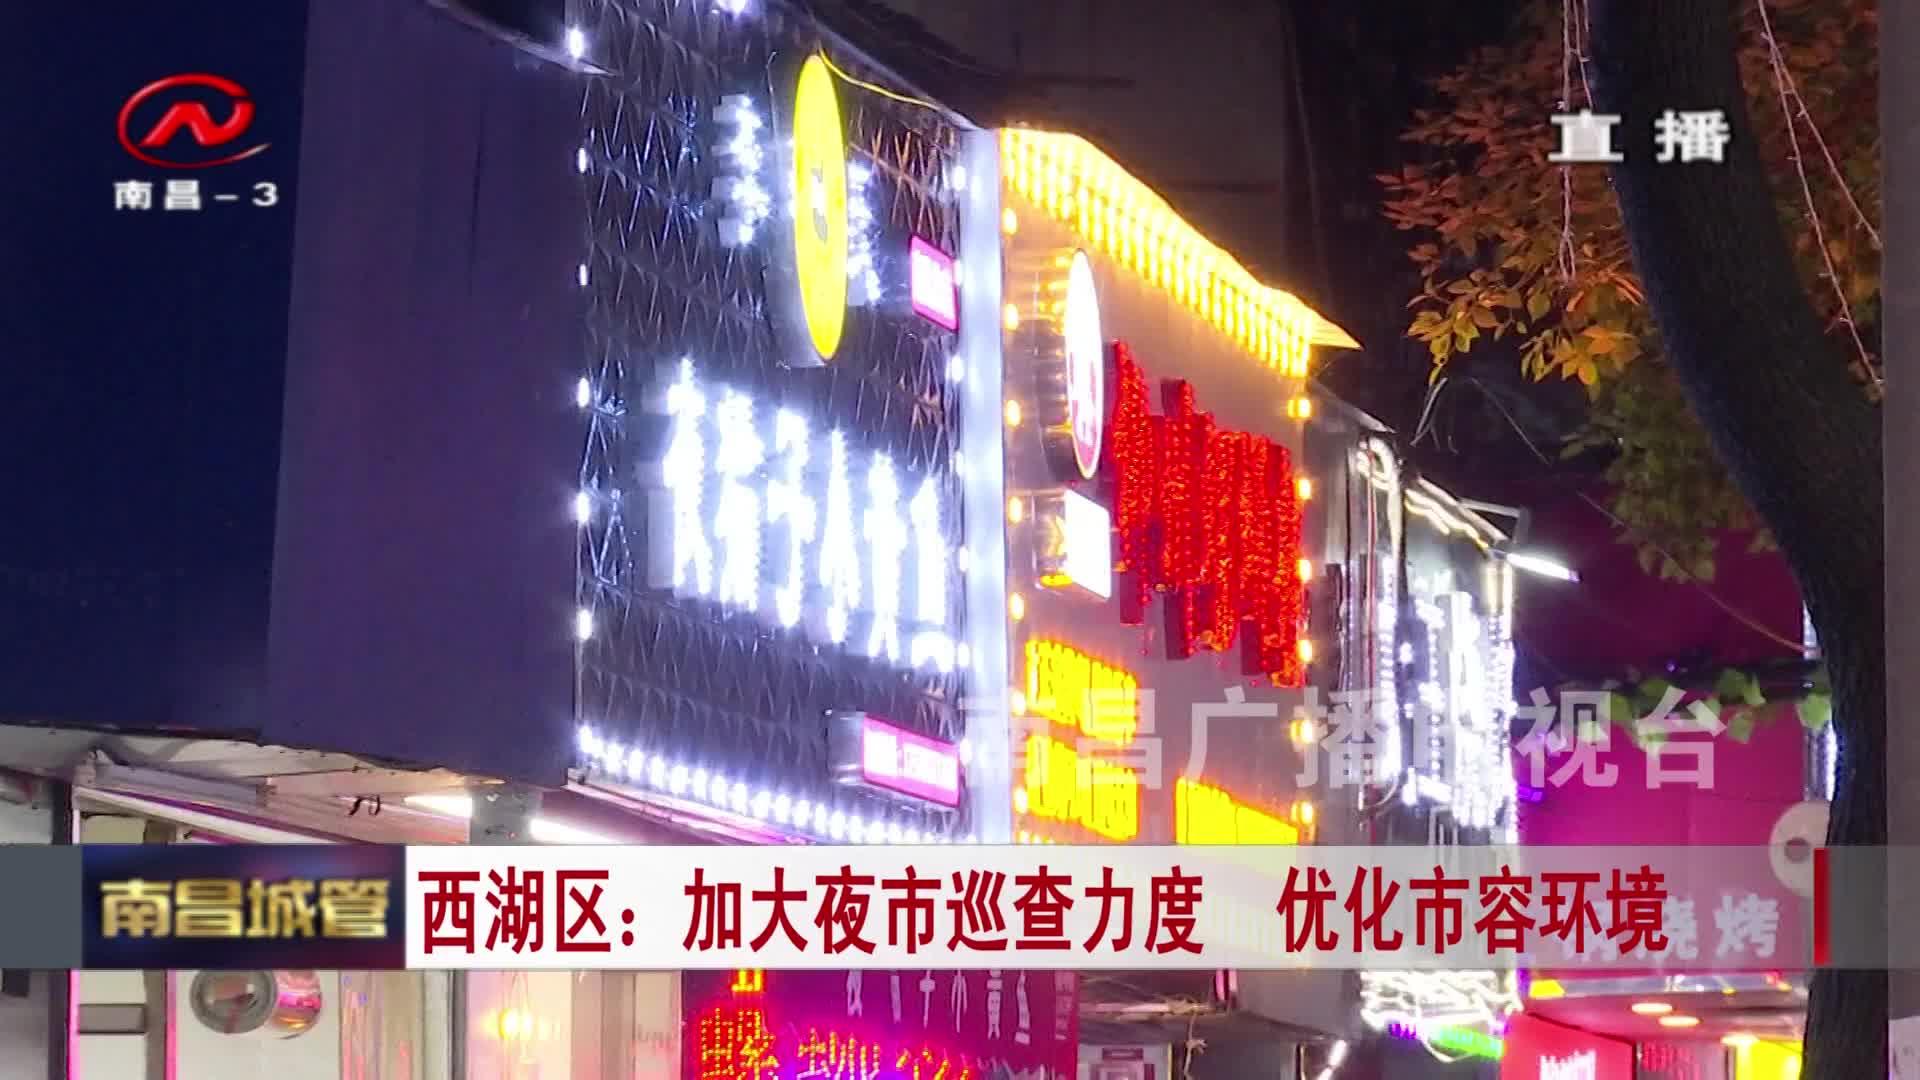 【城管新闻】西湖区:加大夜市巡查力度  优化市容环境